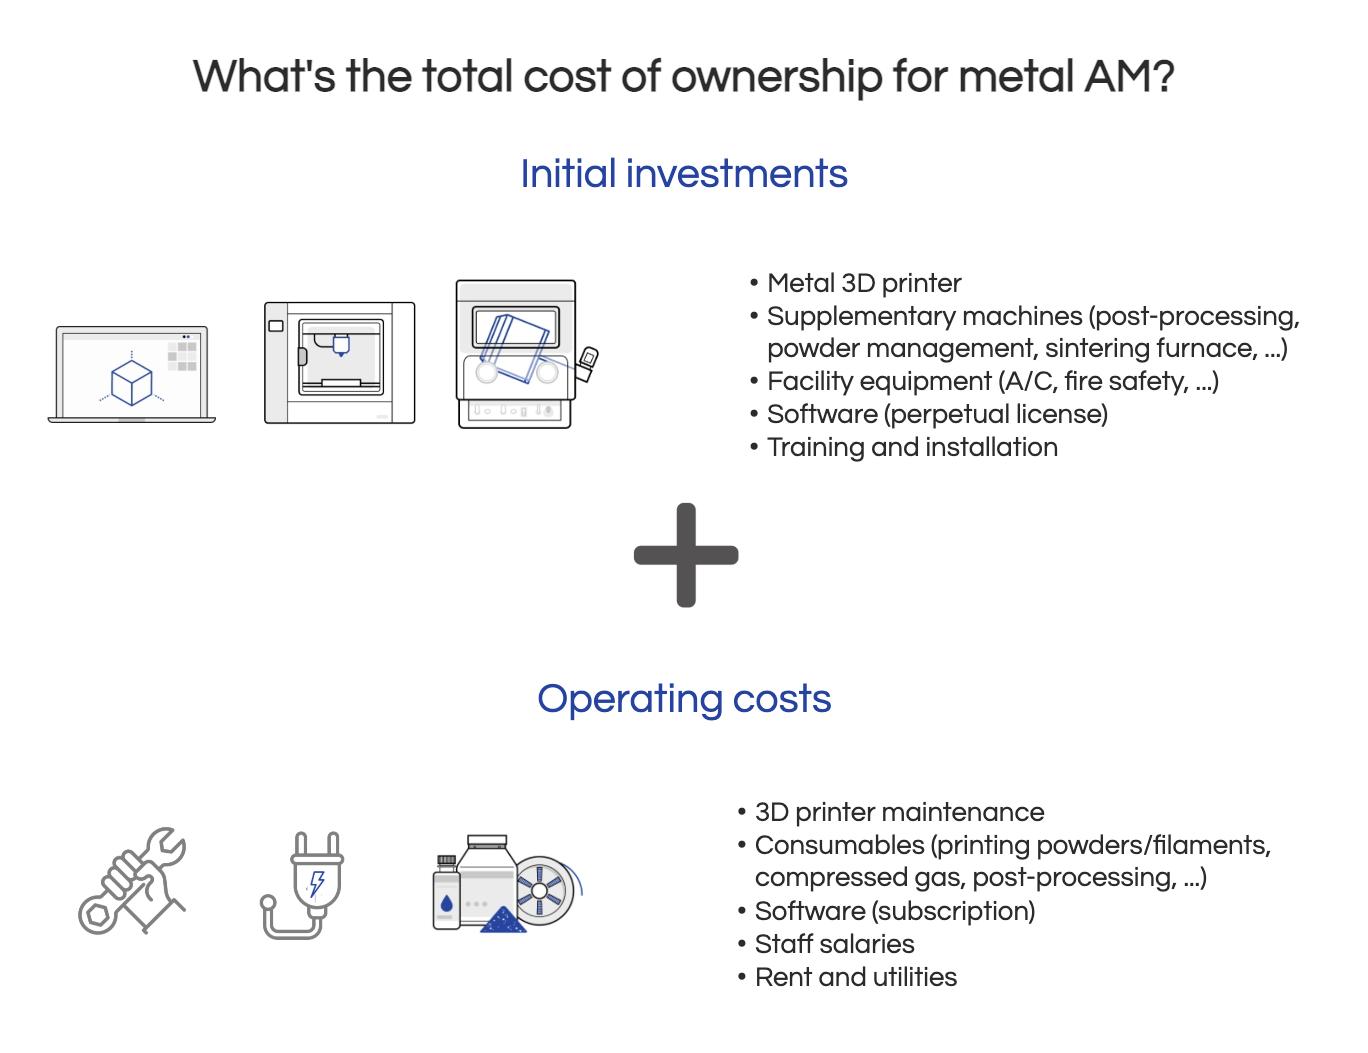 Metal 3D printing cost